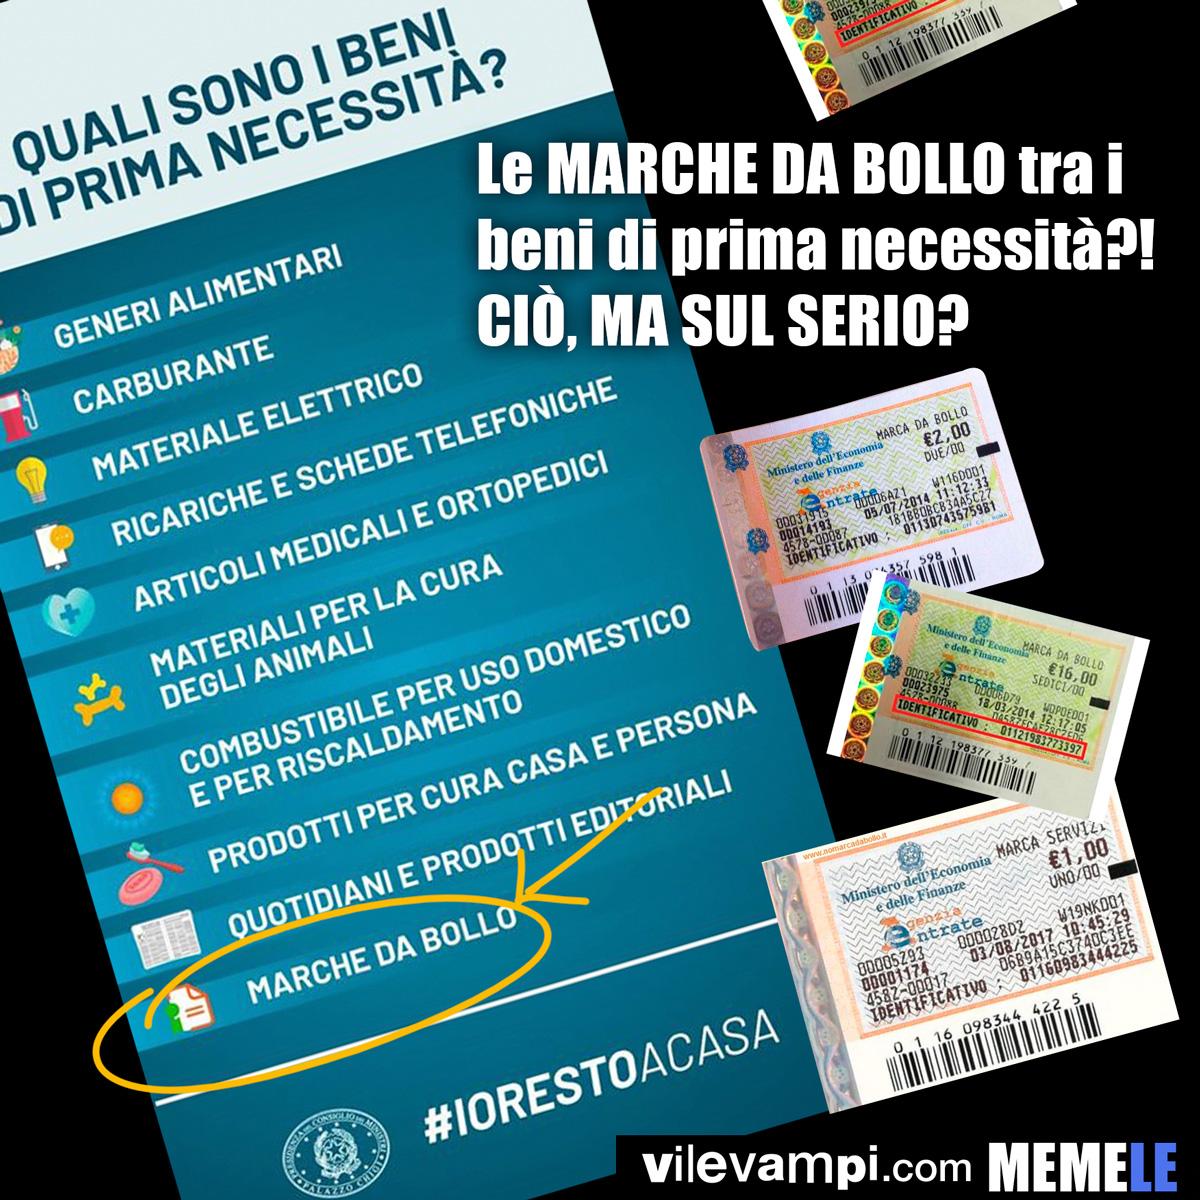 2020_Meme_Marche-da-bollo